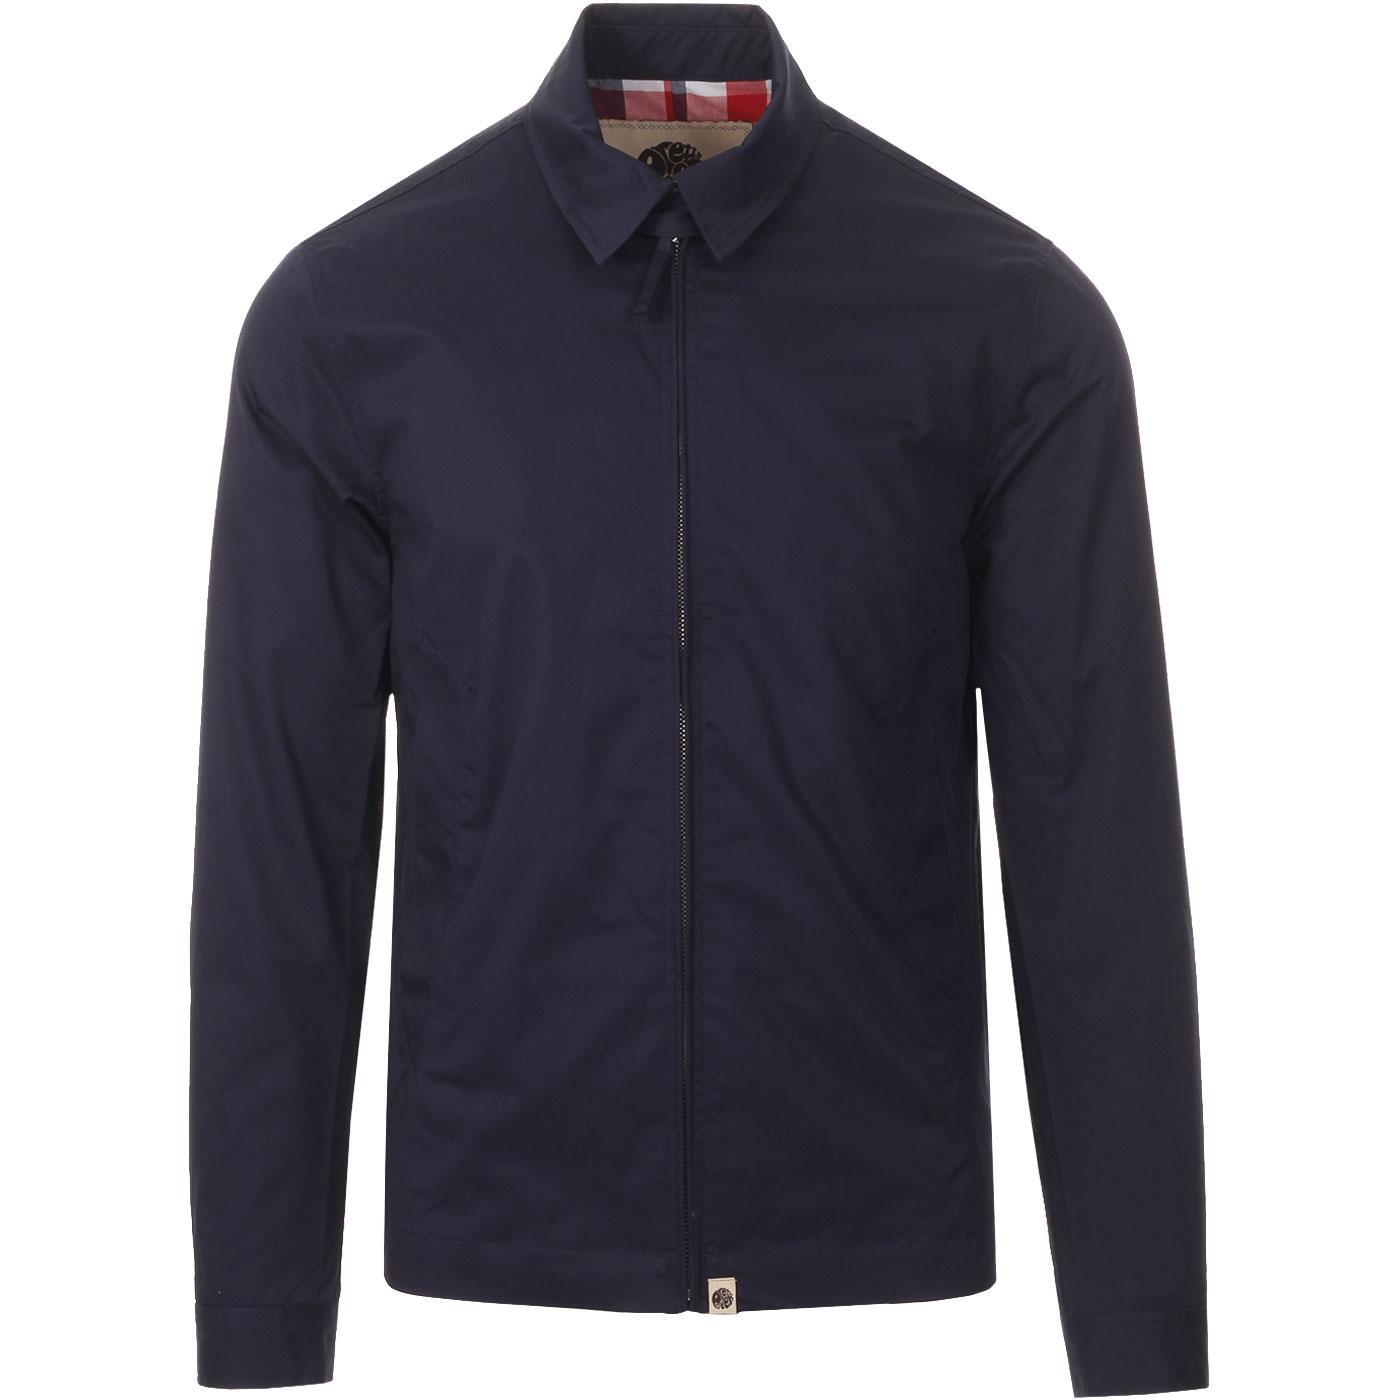 PRETTY GREEN Mens Retro Zip Up Harrington Jacket